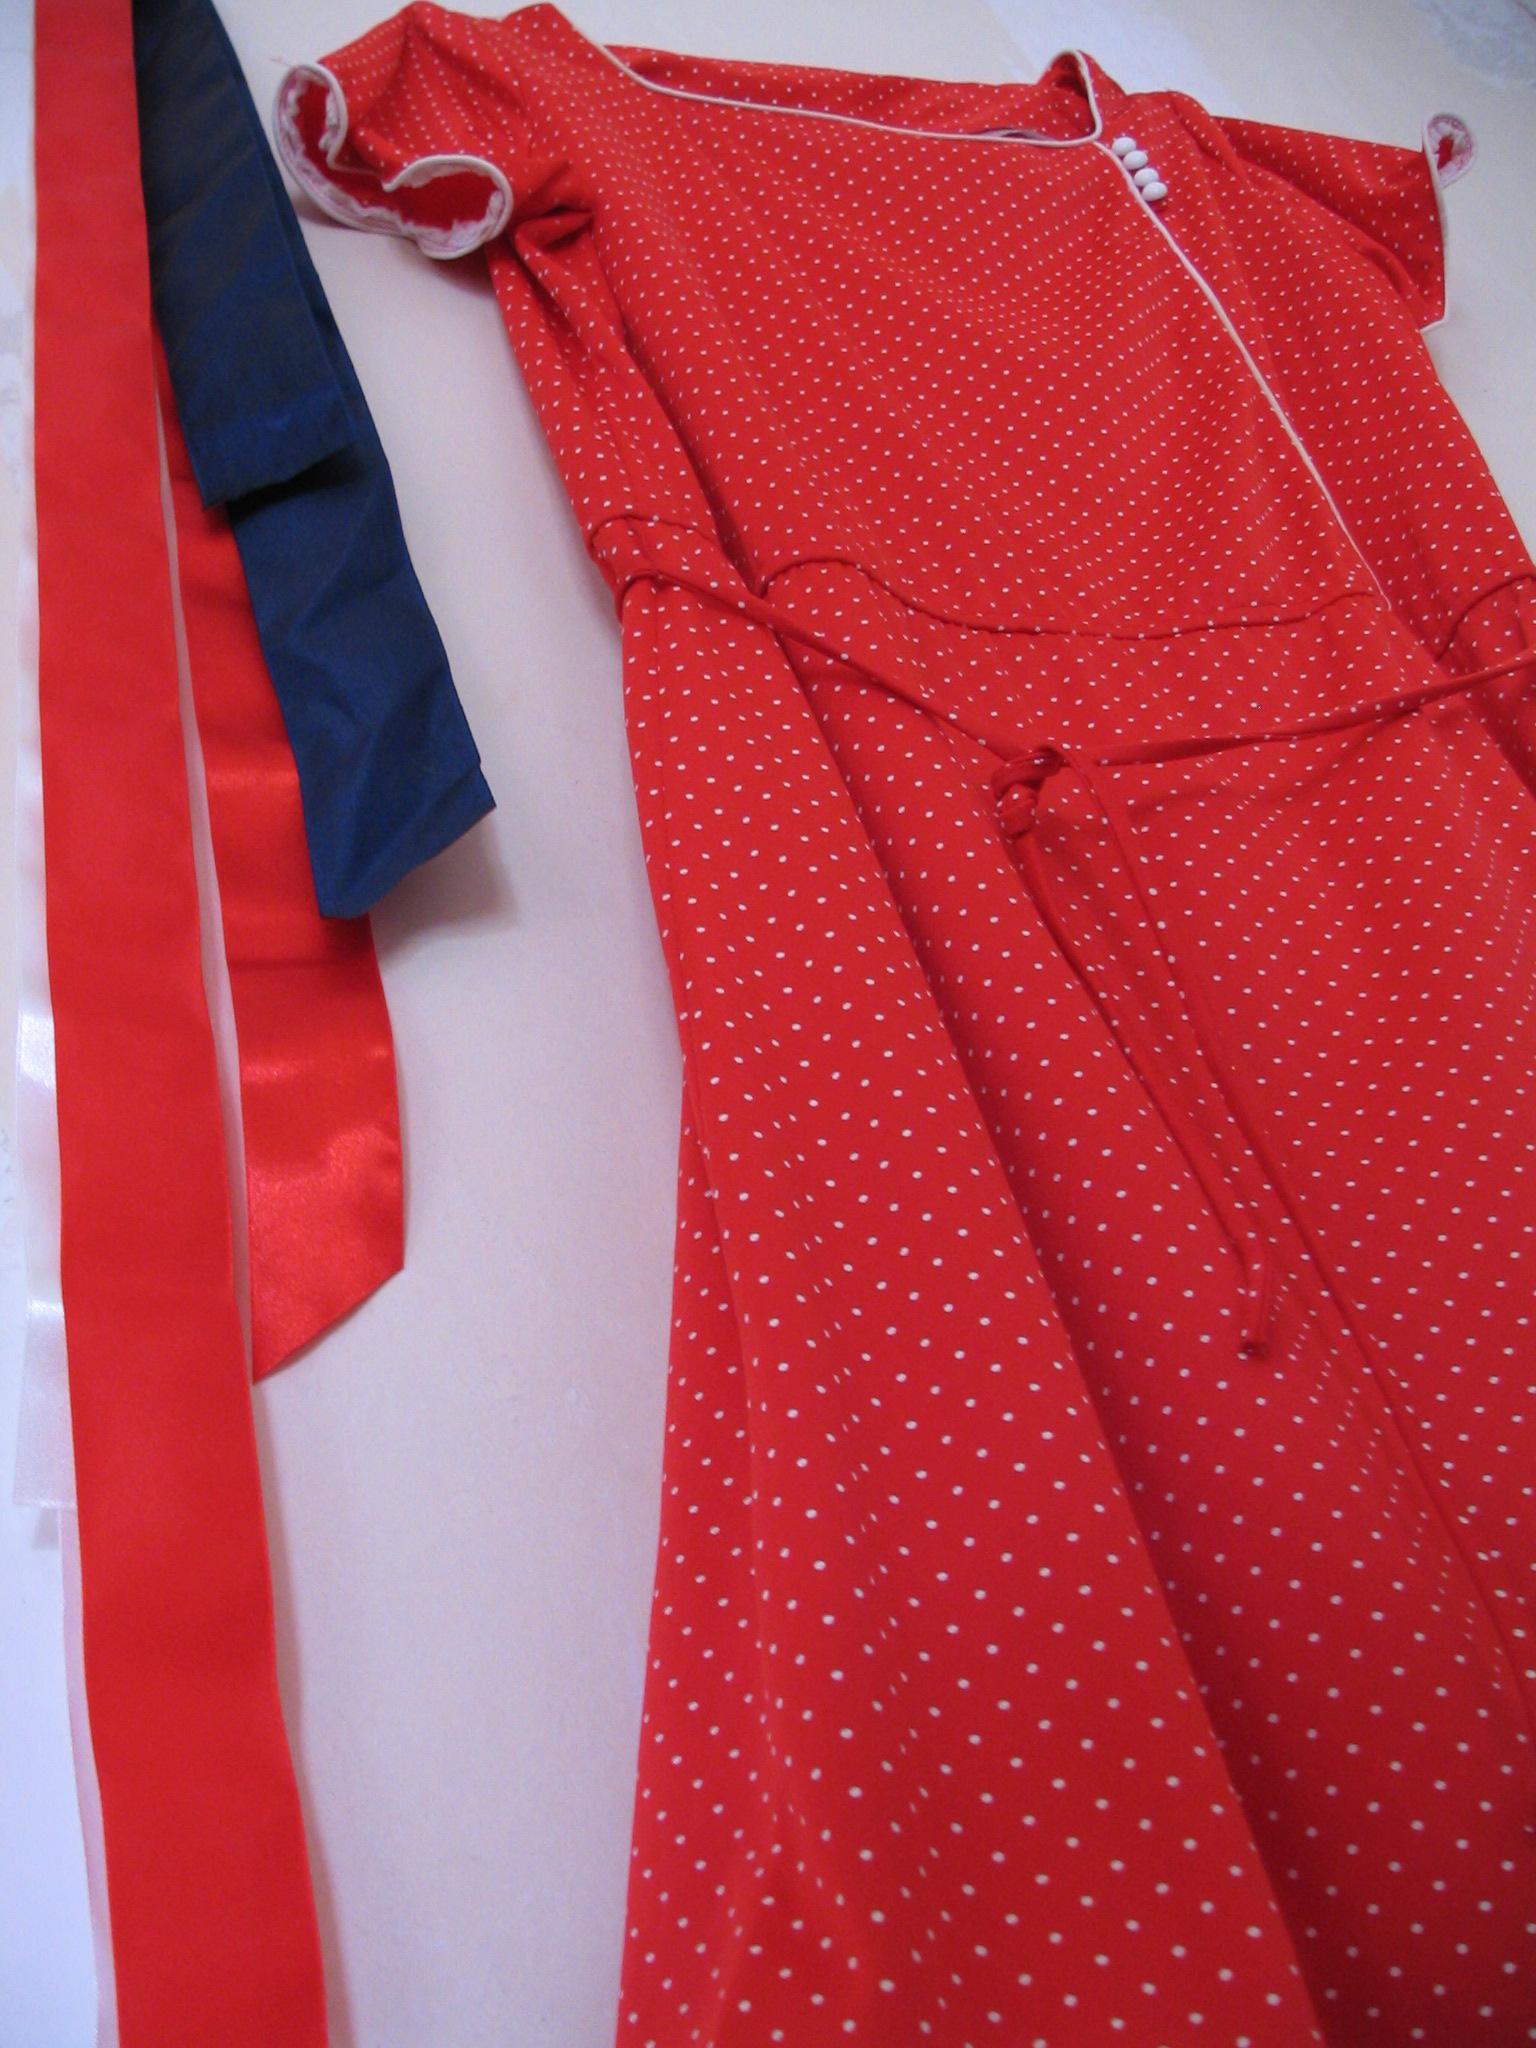 kék-piros-fehér 015.jpg